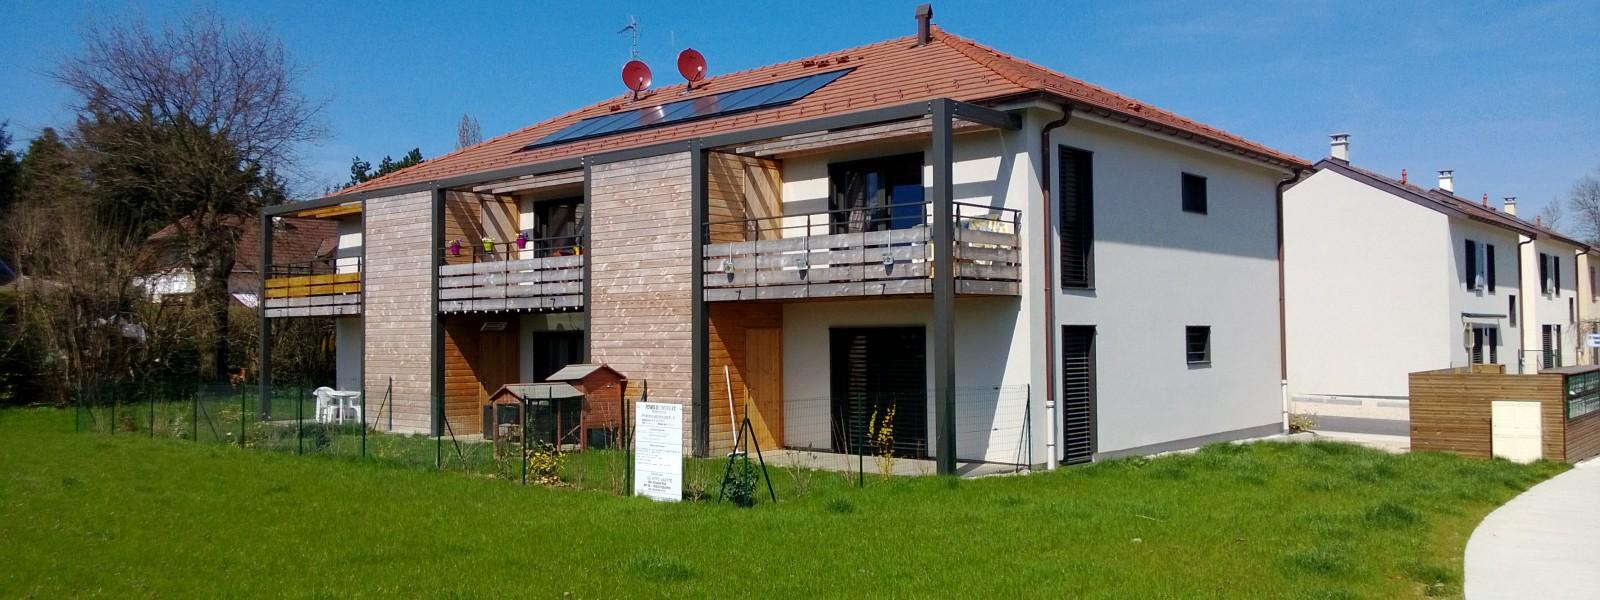 VERTE LILETTE - Visuel 4 - Impact immobilier 01